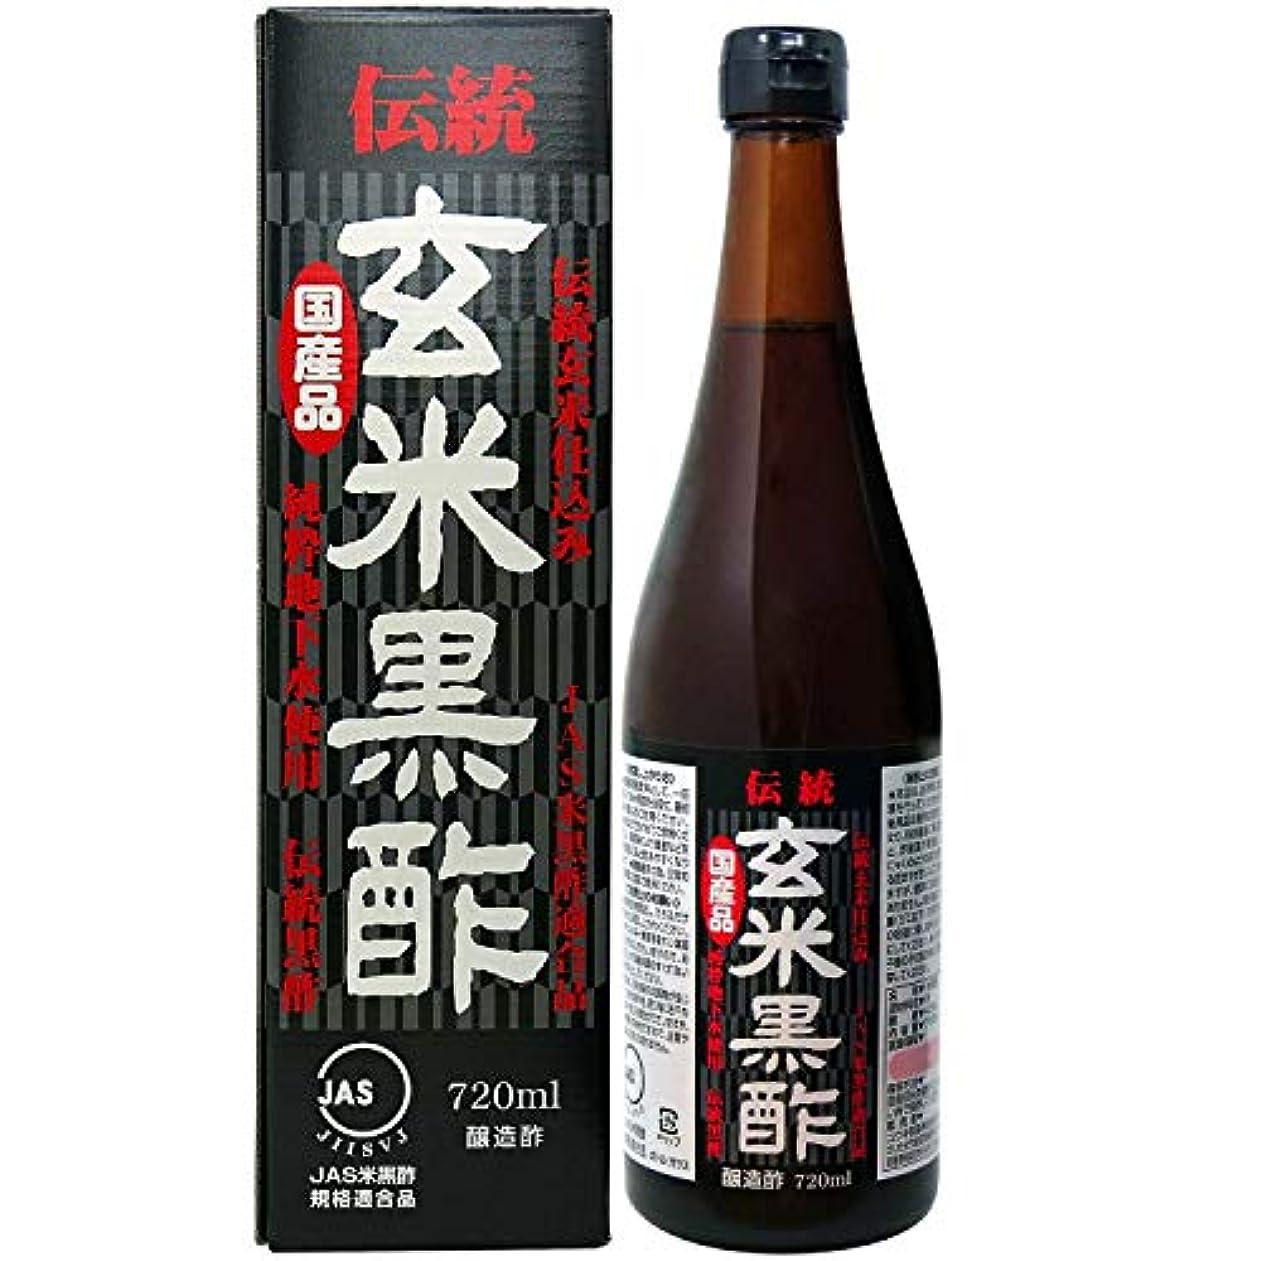 所属弱まる同様のユウキ製薬 新伝統玄米黒酢 24-36日分 720ml